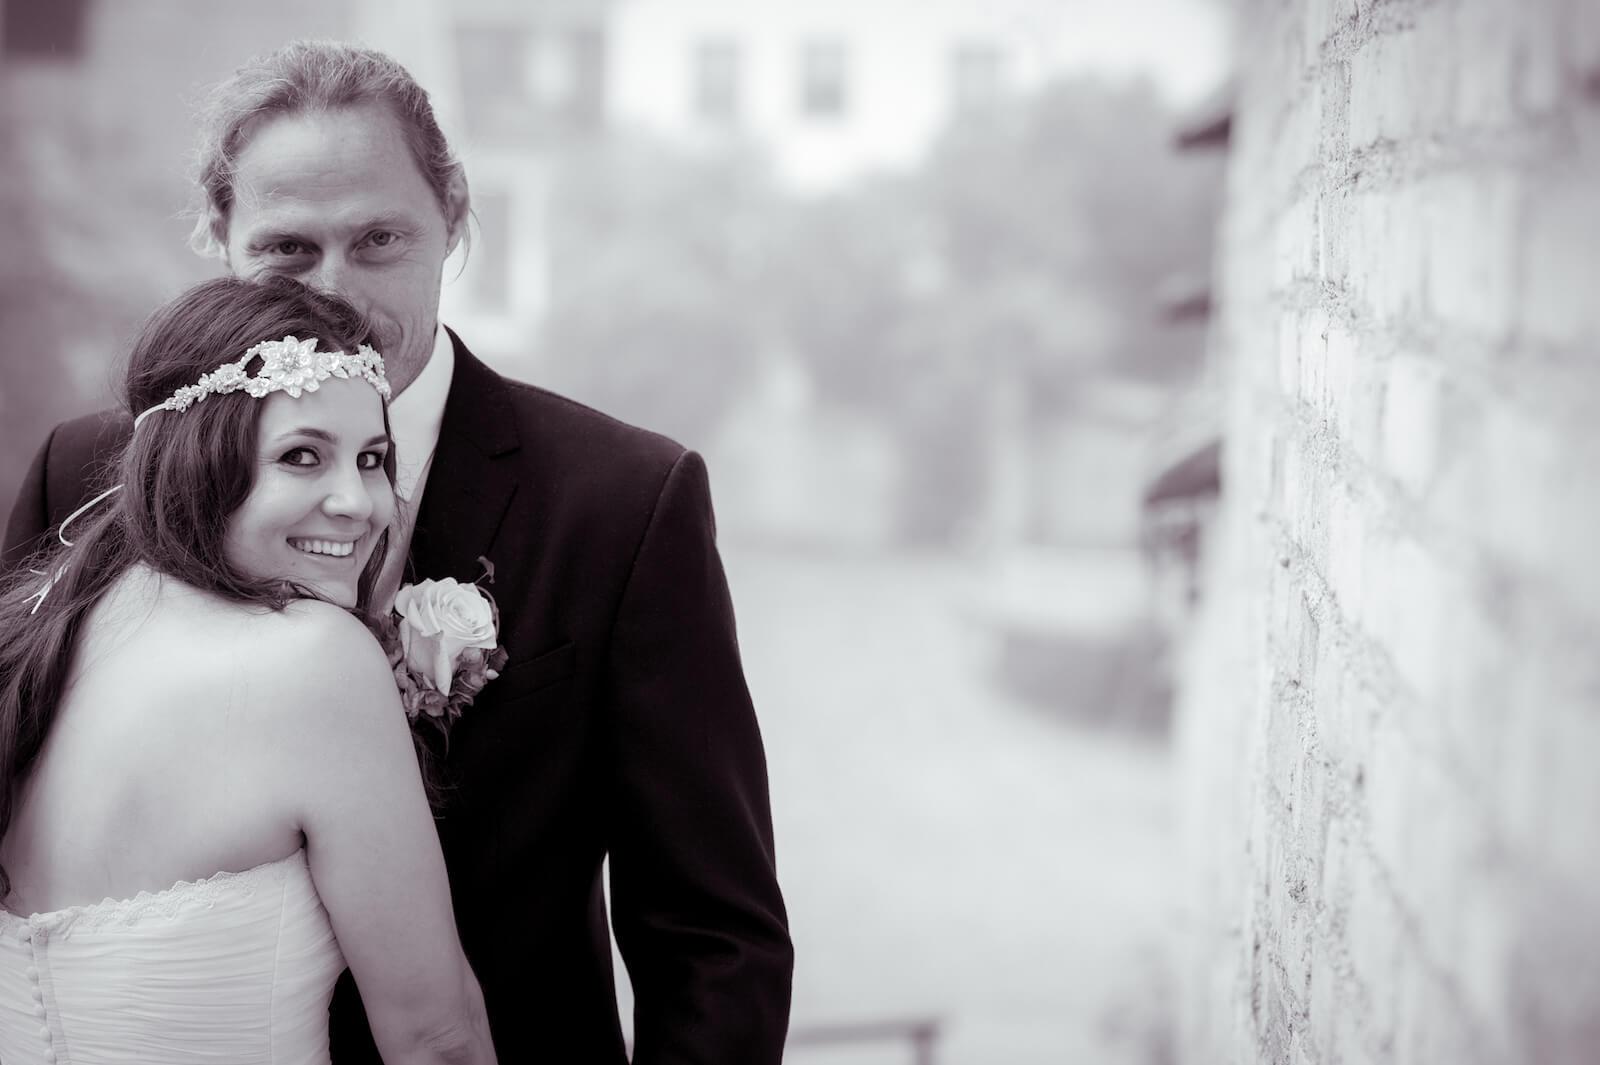 Hochzeit Bohostyle Landsberg - das Brautpaar an der Stadtmauer